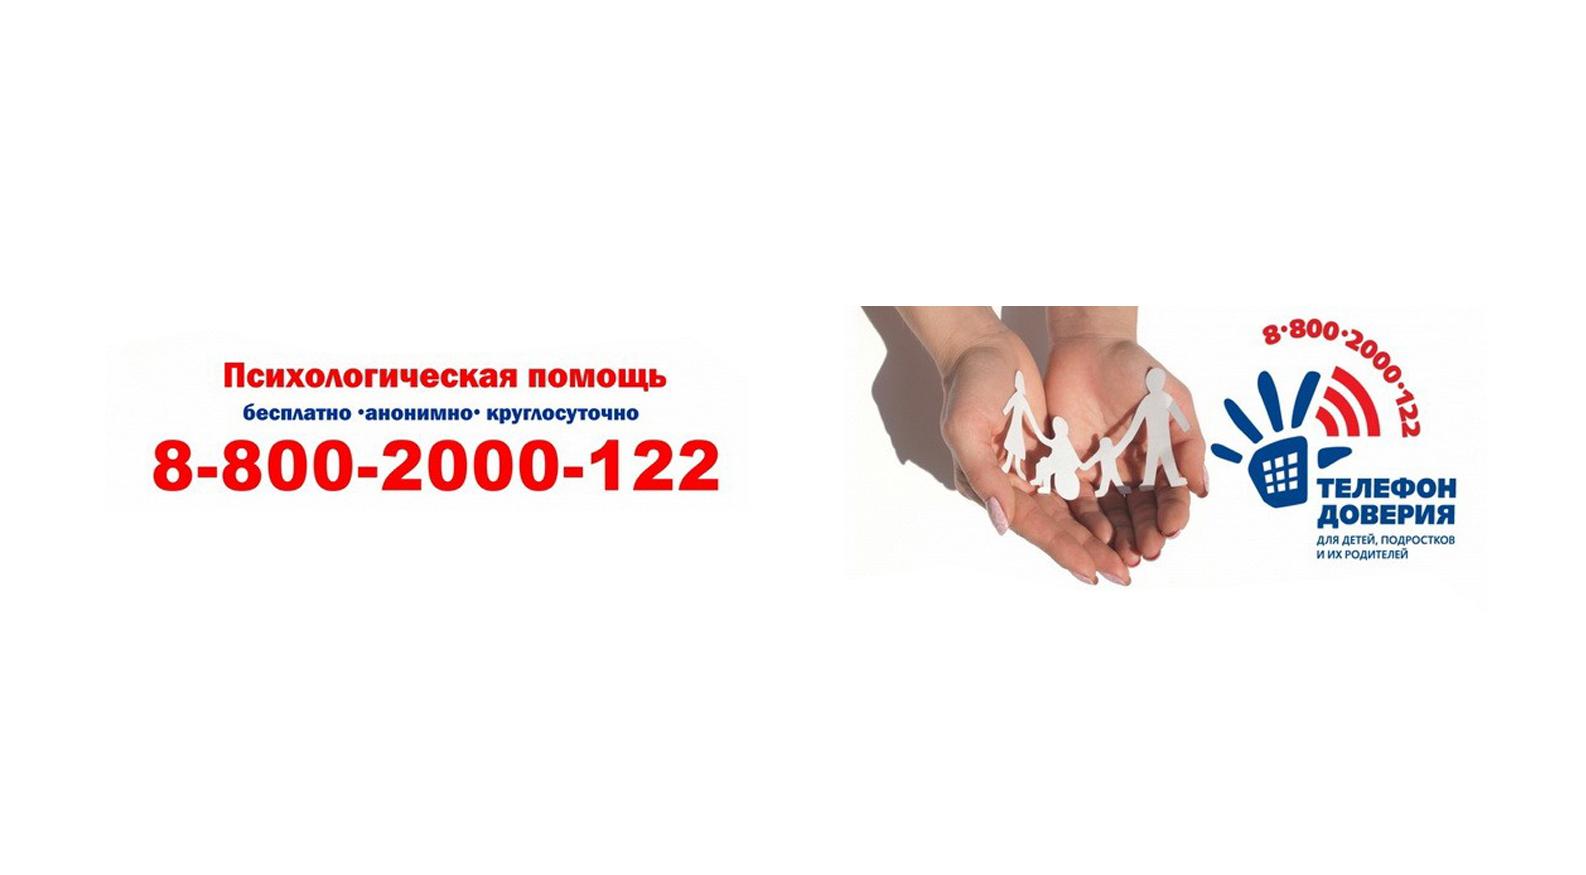 <p>На протяжении 10 лет с 1 сентября 2010 года в России оказывает помощь и поддержку служба Детского телефона доверия под единым номером 8-800-2000-122. Всё это время Детский телефон доверия работает и в Карелии, а с 2014 года — в круглосуточном режиме. Деятельность ведется на основании соглашения между Правительством республики и […]</p>